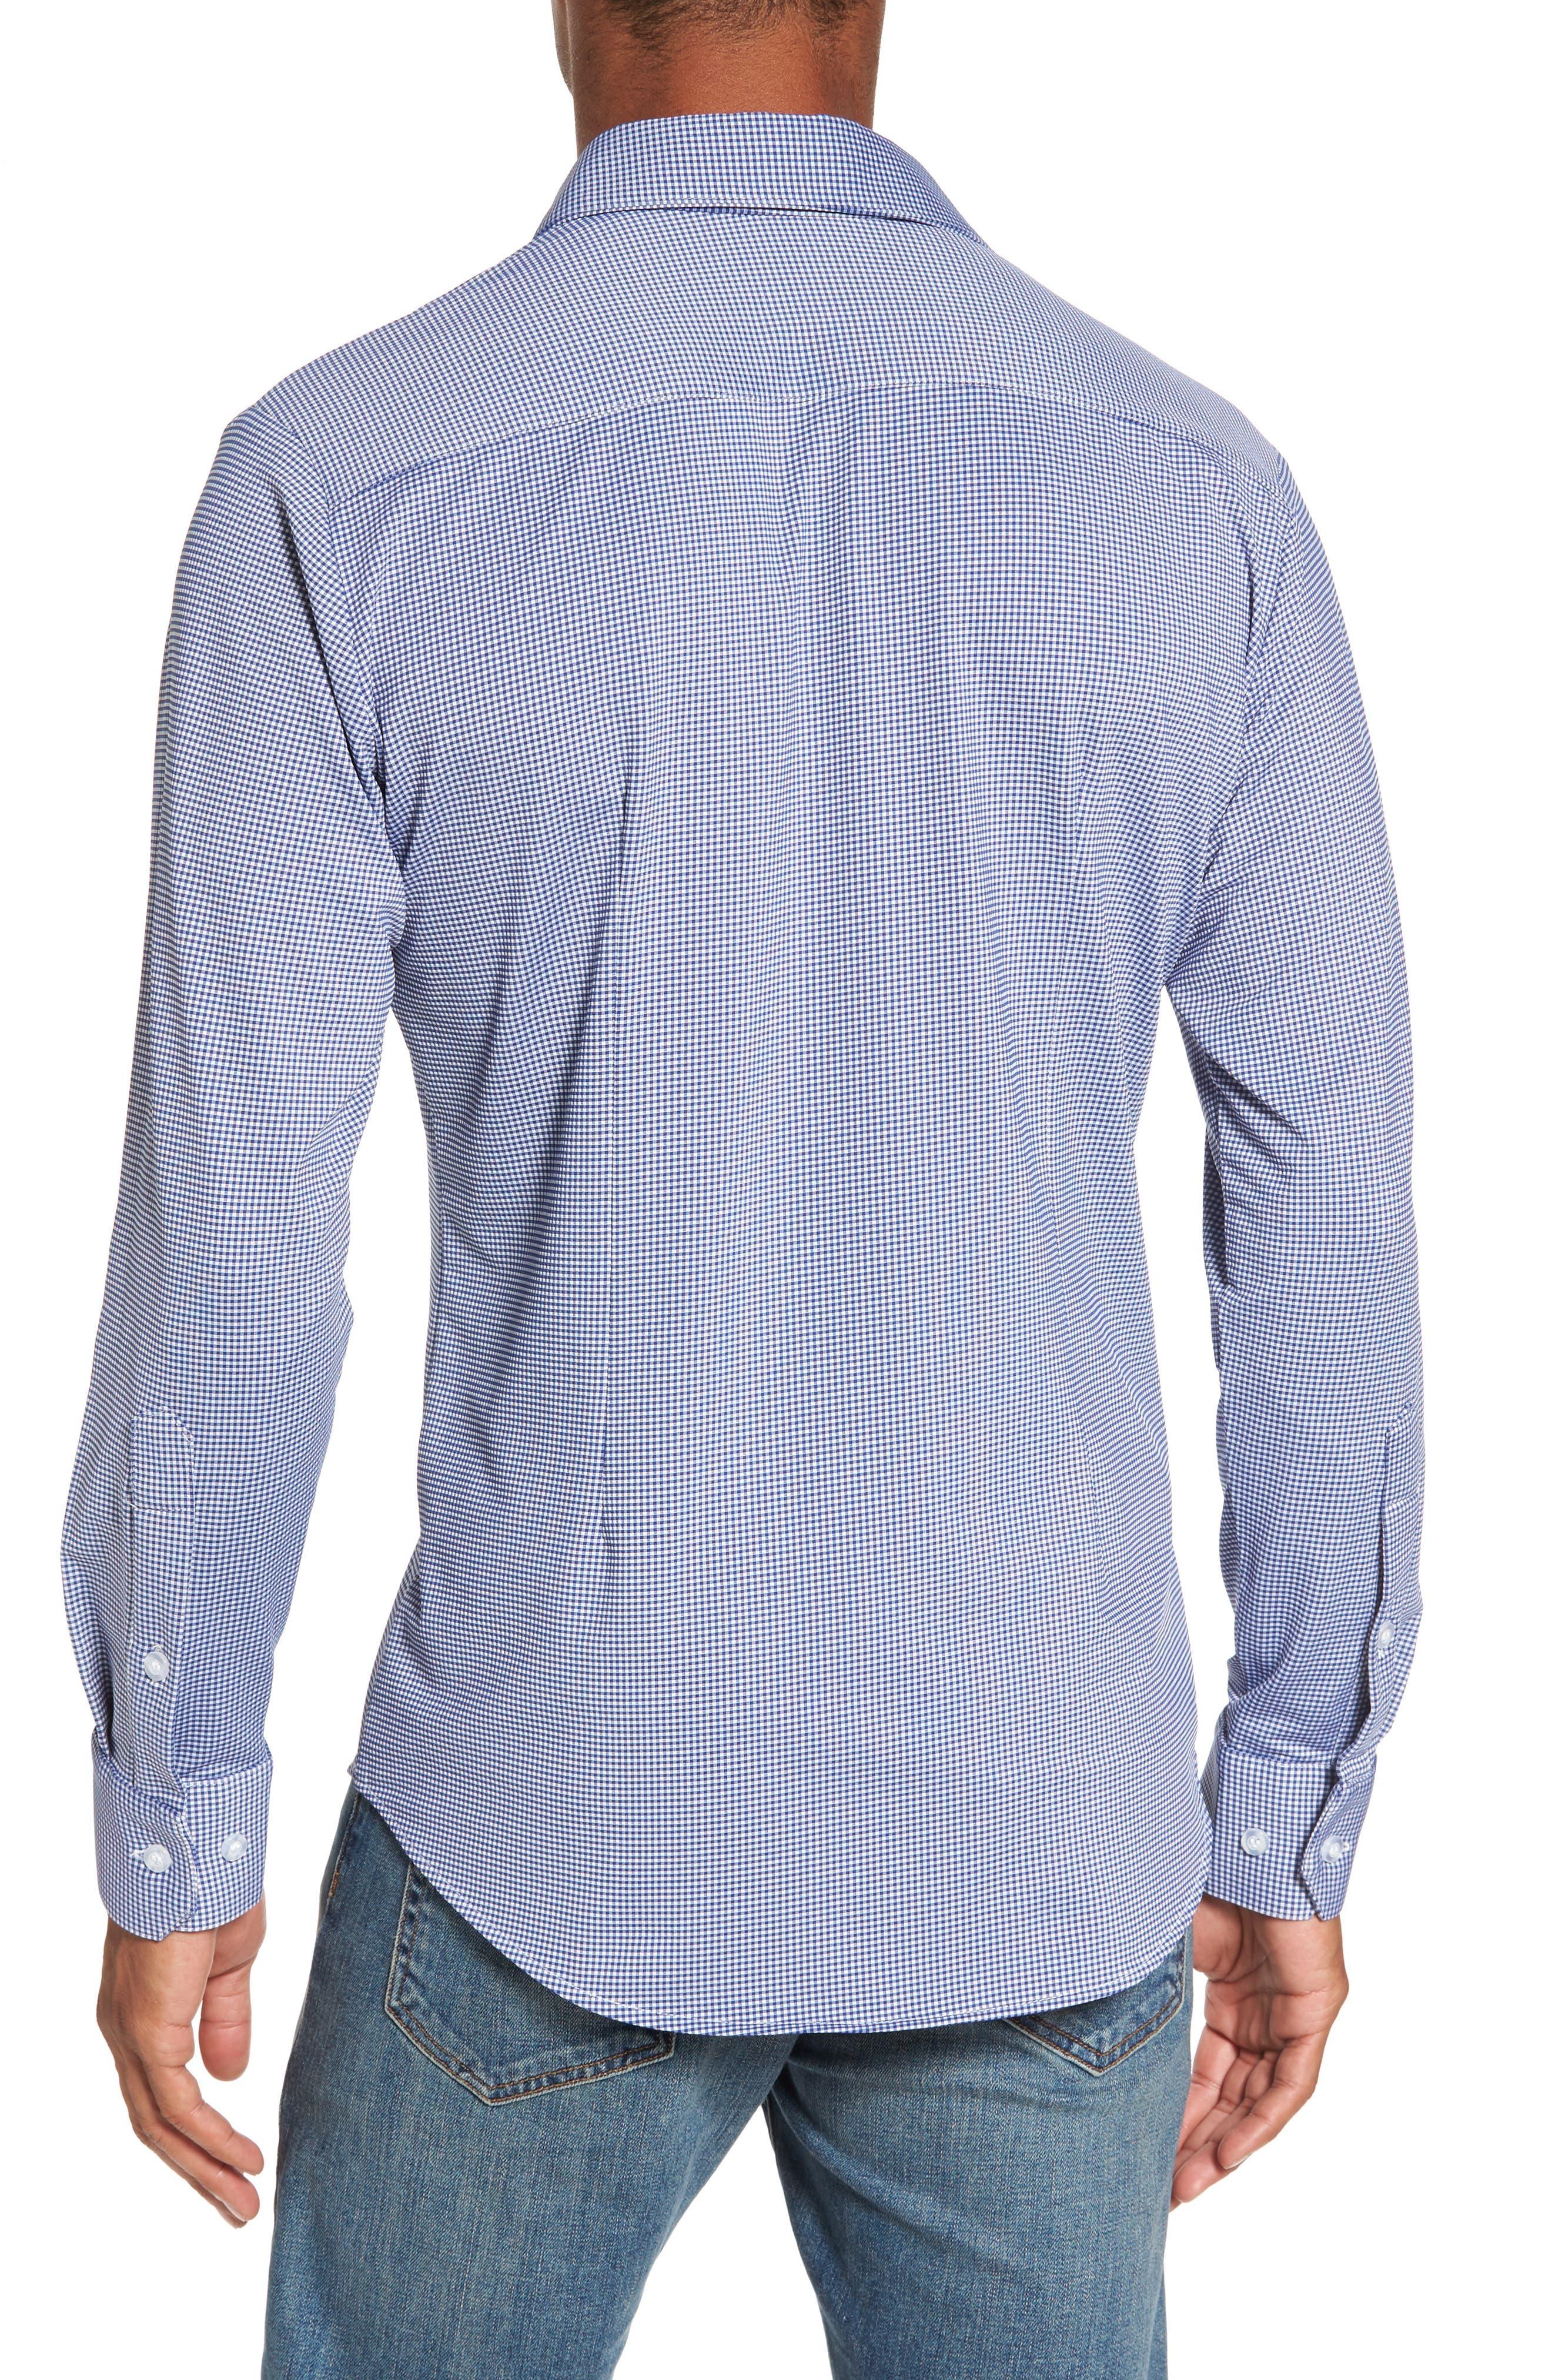 MIZZEN+MAIN, Beckett Trim Fit Gingham Sport Shirt, Alternate thumbnail 2, color, BLUE